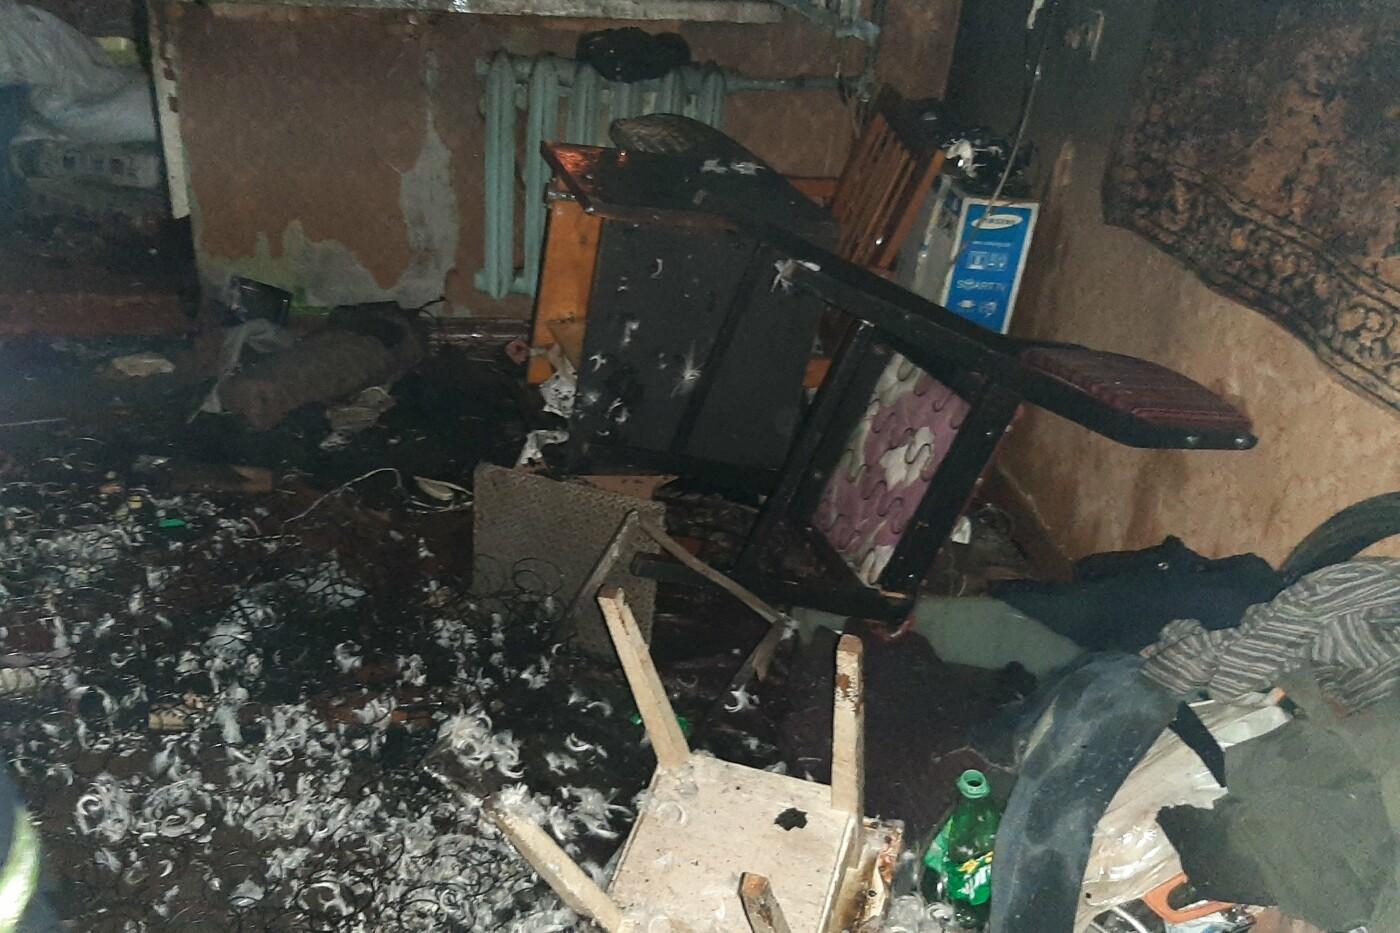 В Харькове загорелся пятиэтажный дом: спасатели эвакуировали пять человек, есть пострадавший, - ФОТО, фото-3